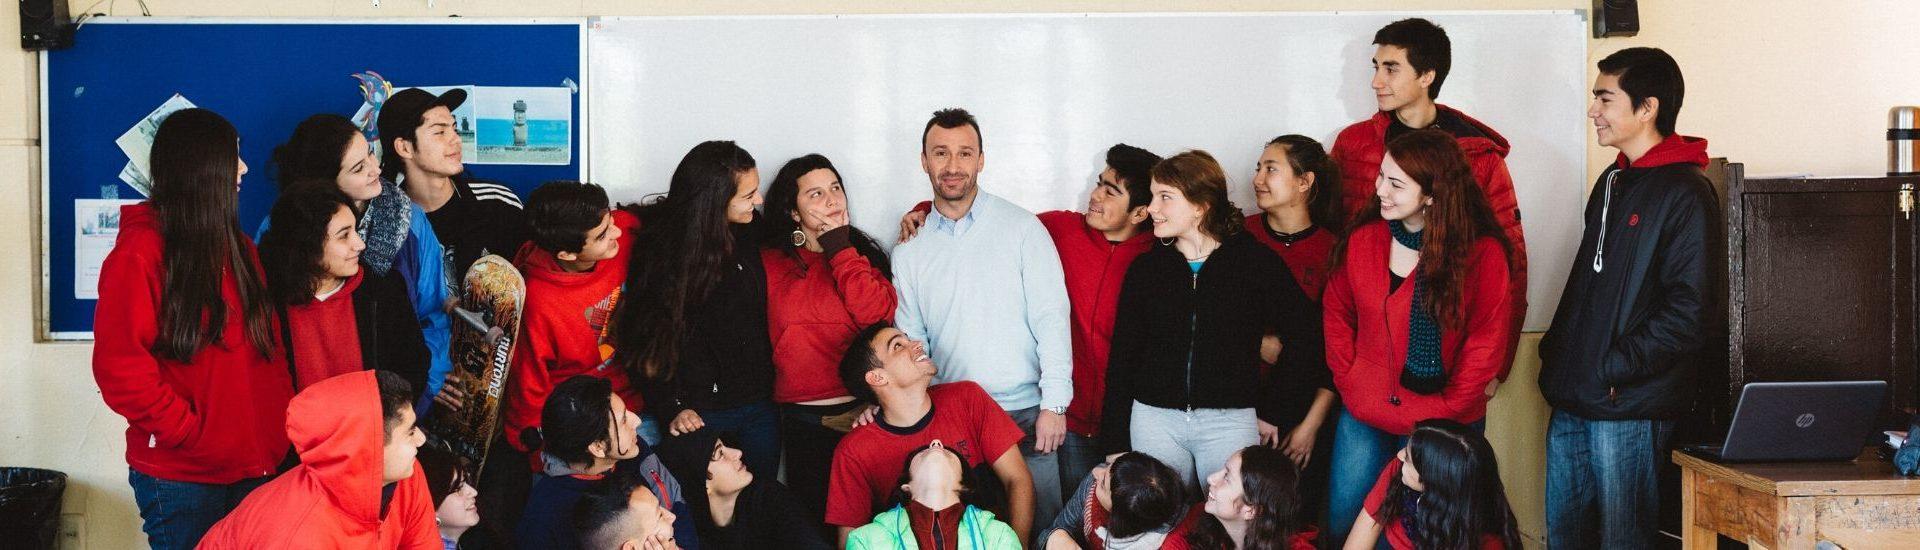 Imagen de un profesor en su sala de clases con sus estudiantes